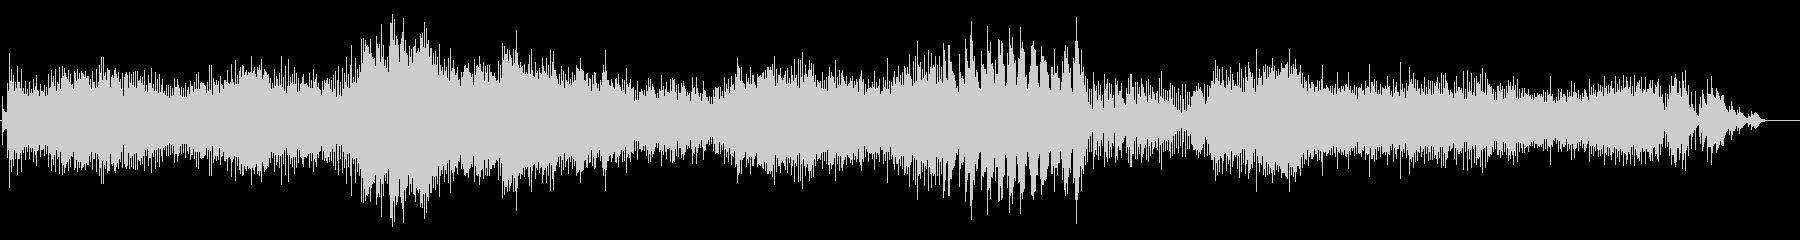 ショパン エチュード Op.10-10の未再生の波形